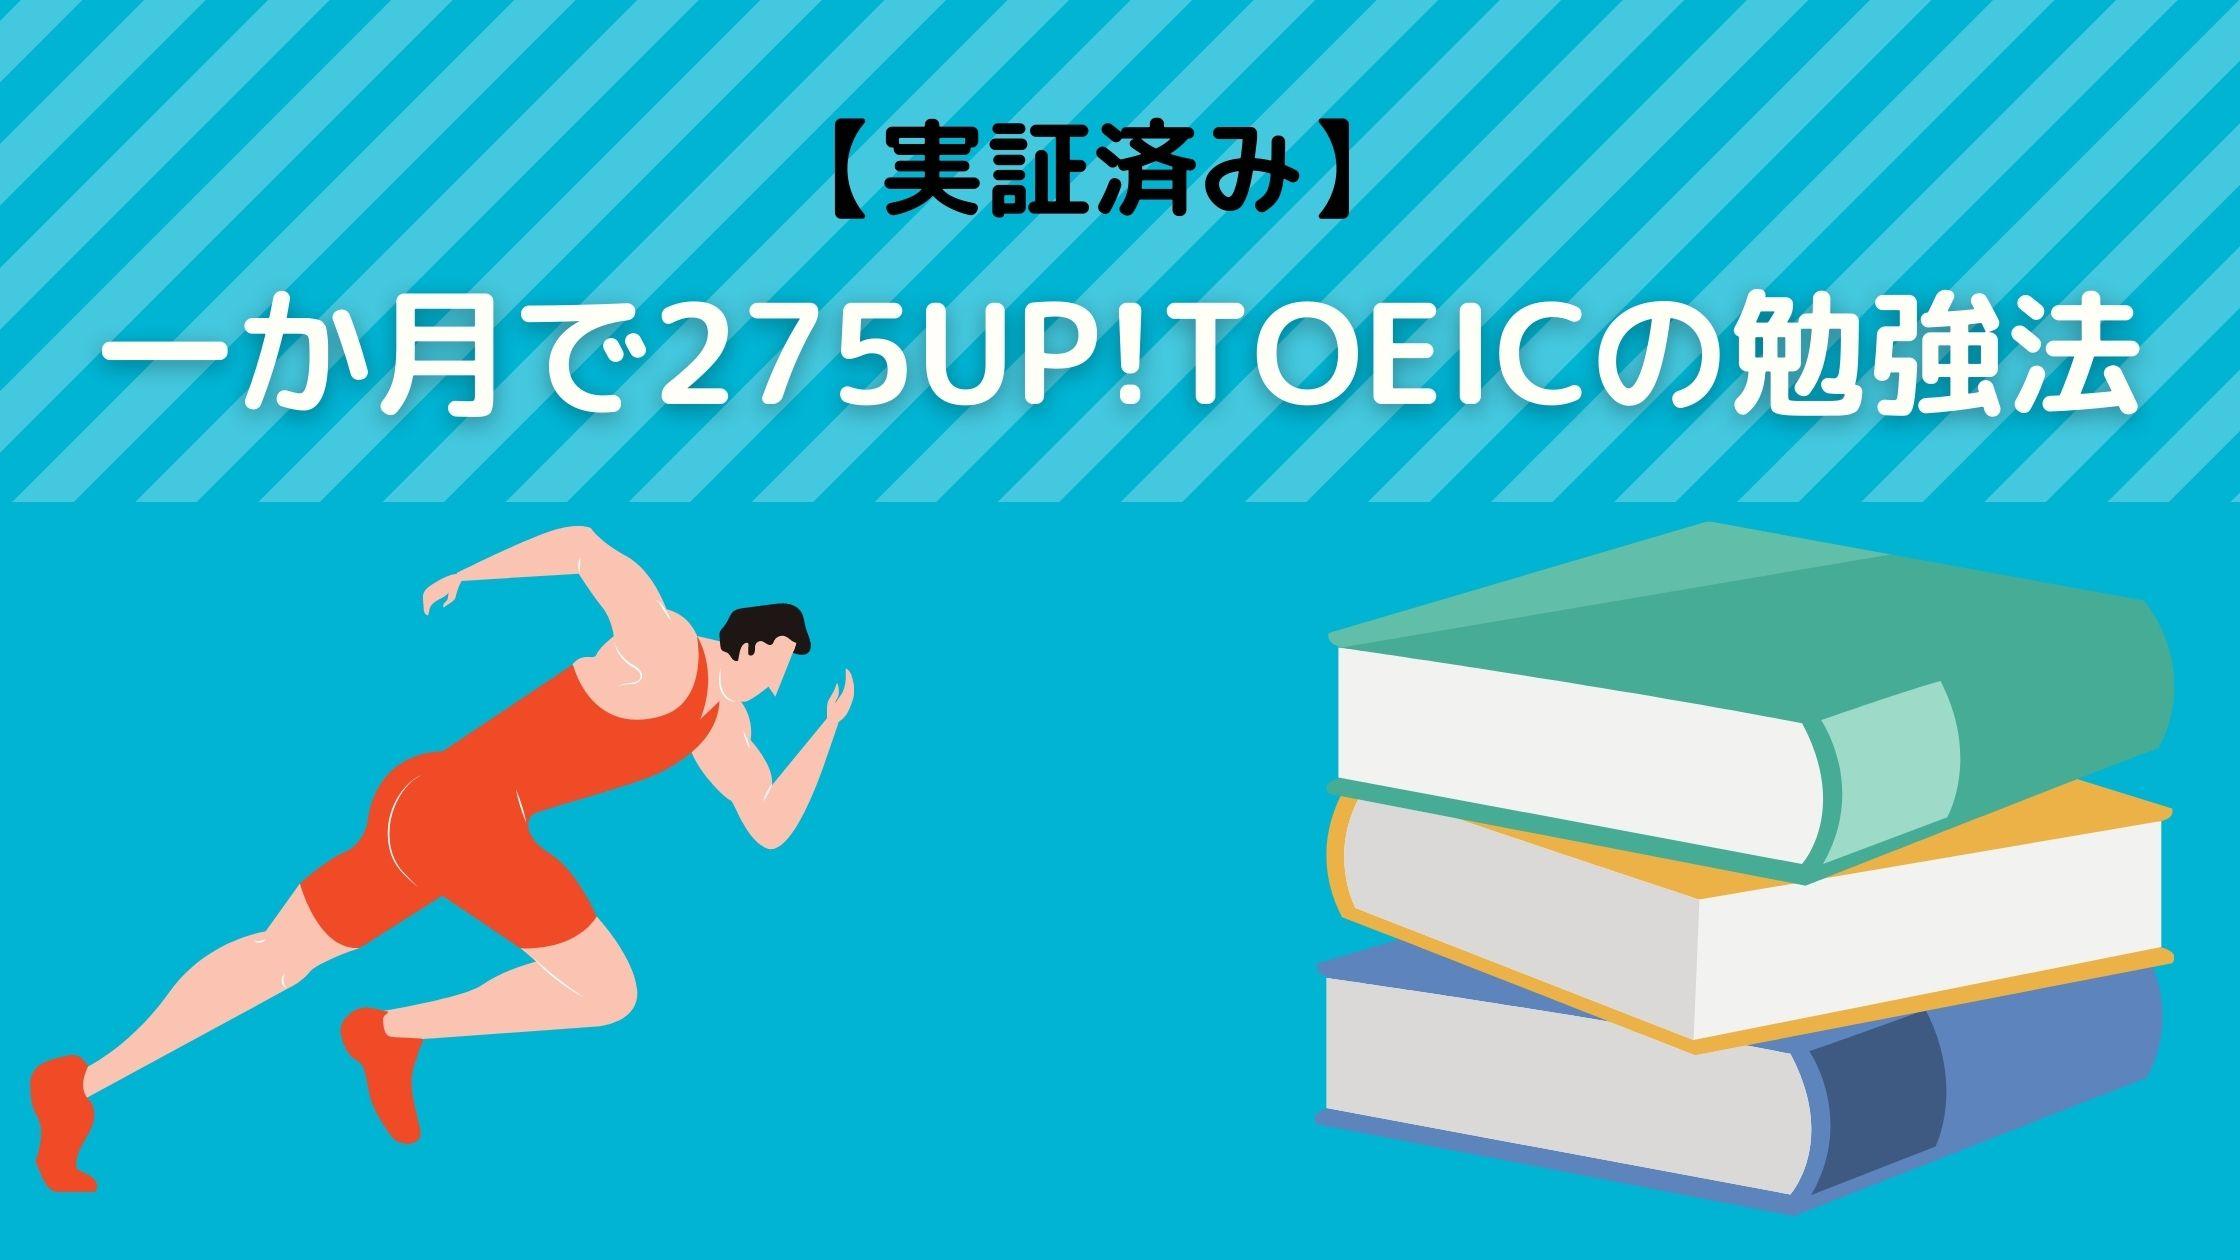 【実証済み】一か月で275UP!TOEICの勉強法